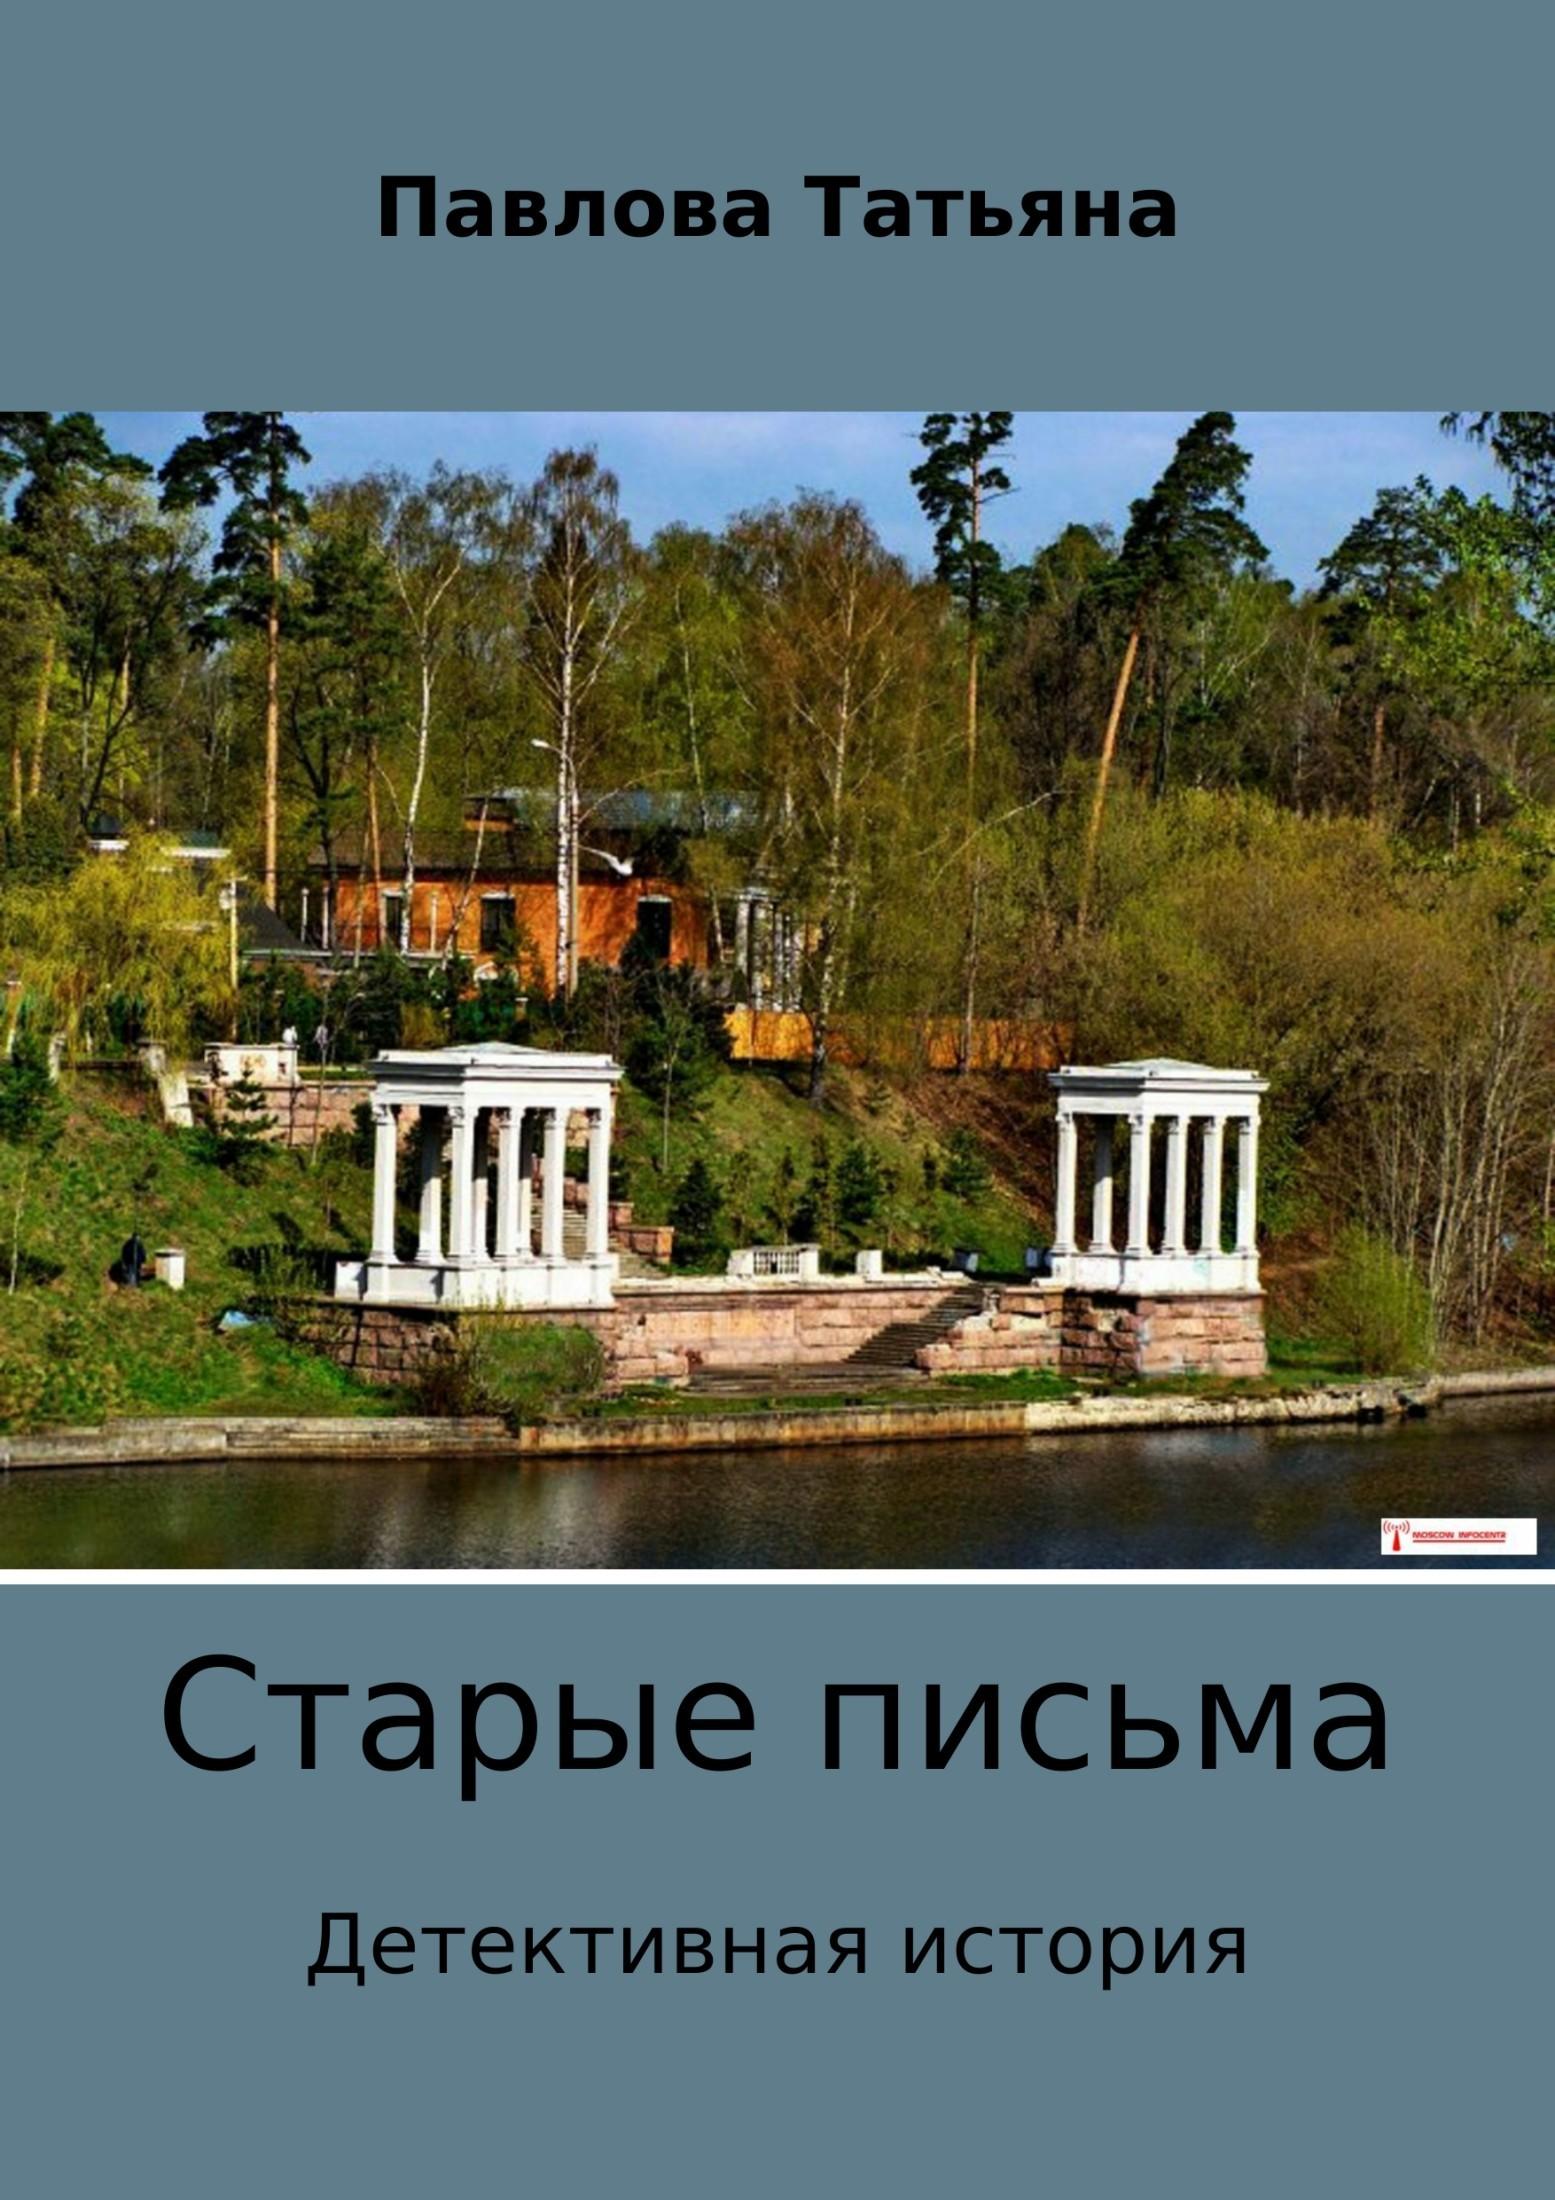 Татьяна Павлова - Старые письма